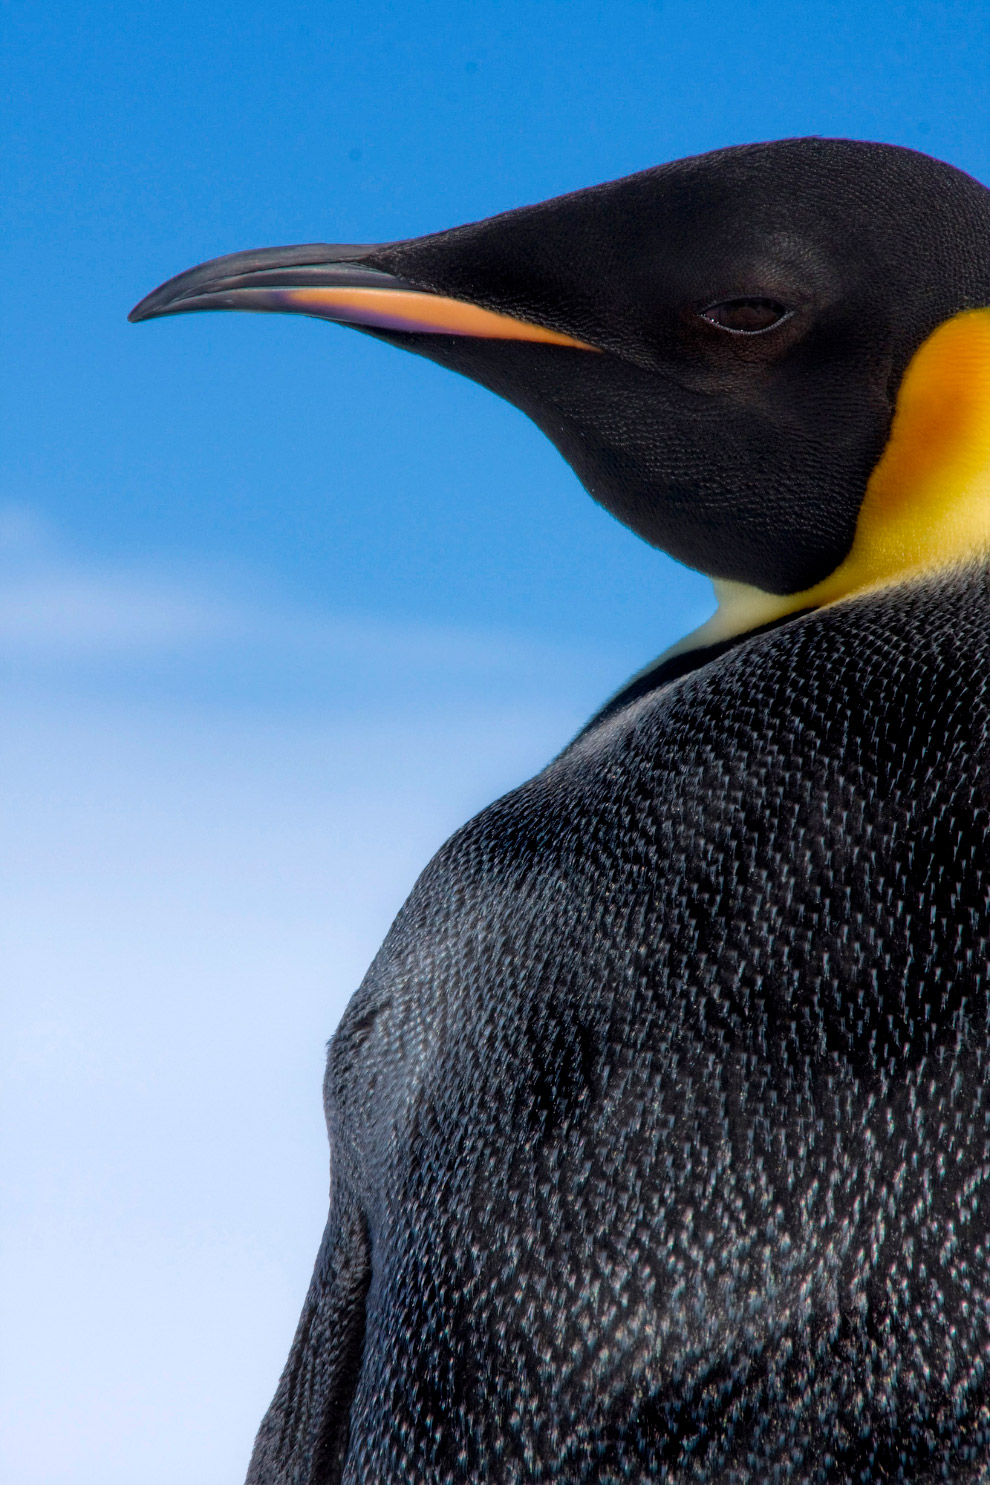 9. Императорский пингвин и техника. (Фото Dafna Ben Nun):